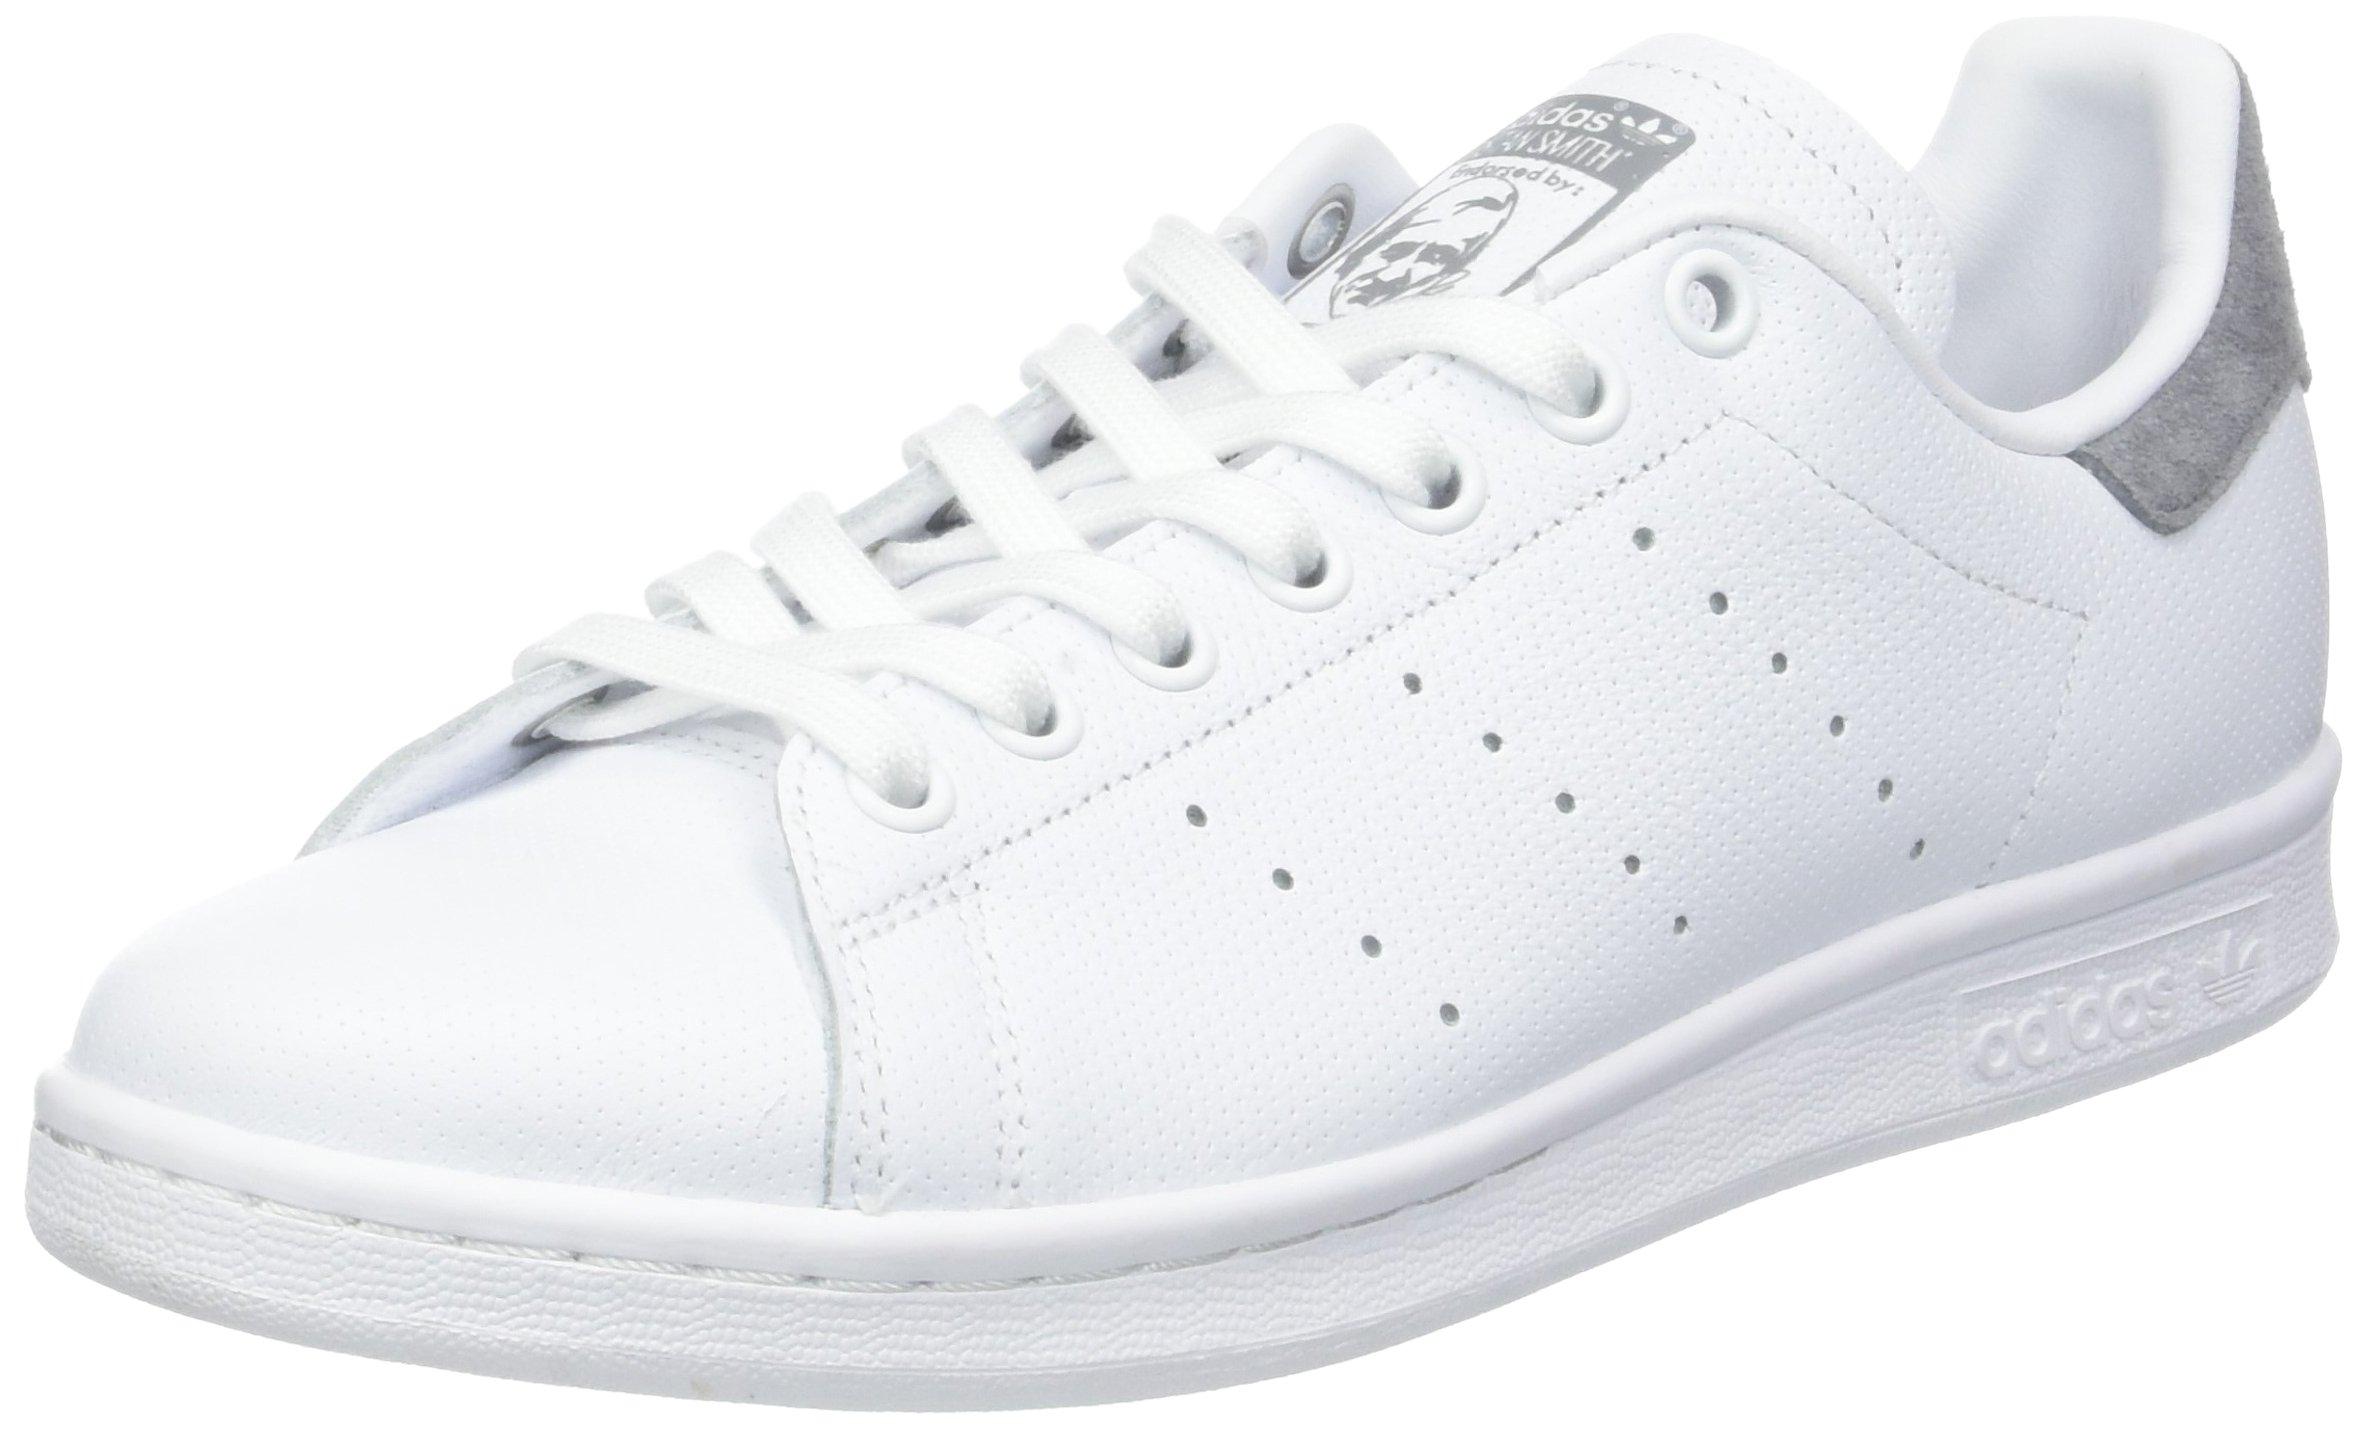 adidas stan smith uae price